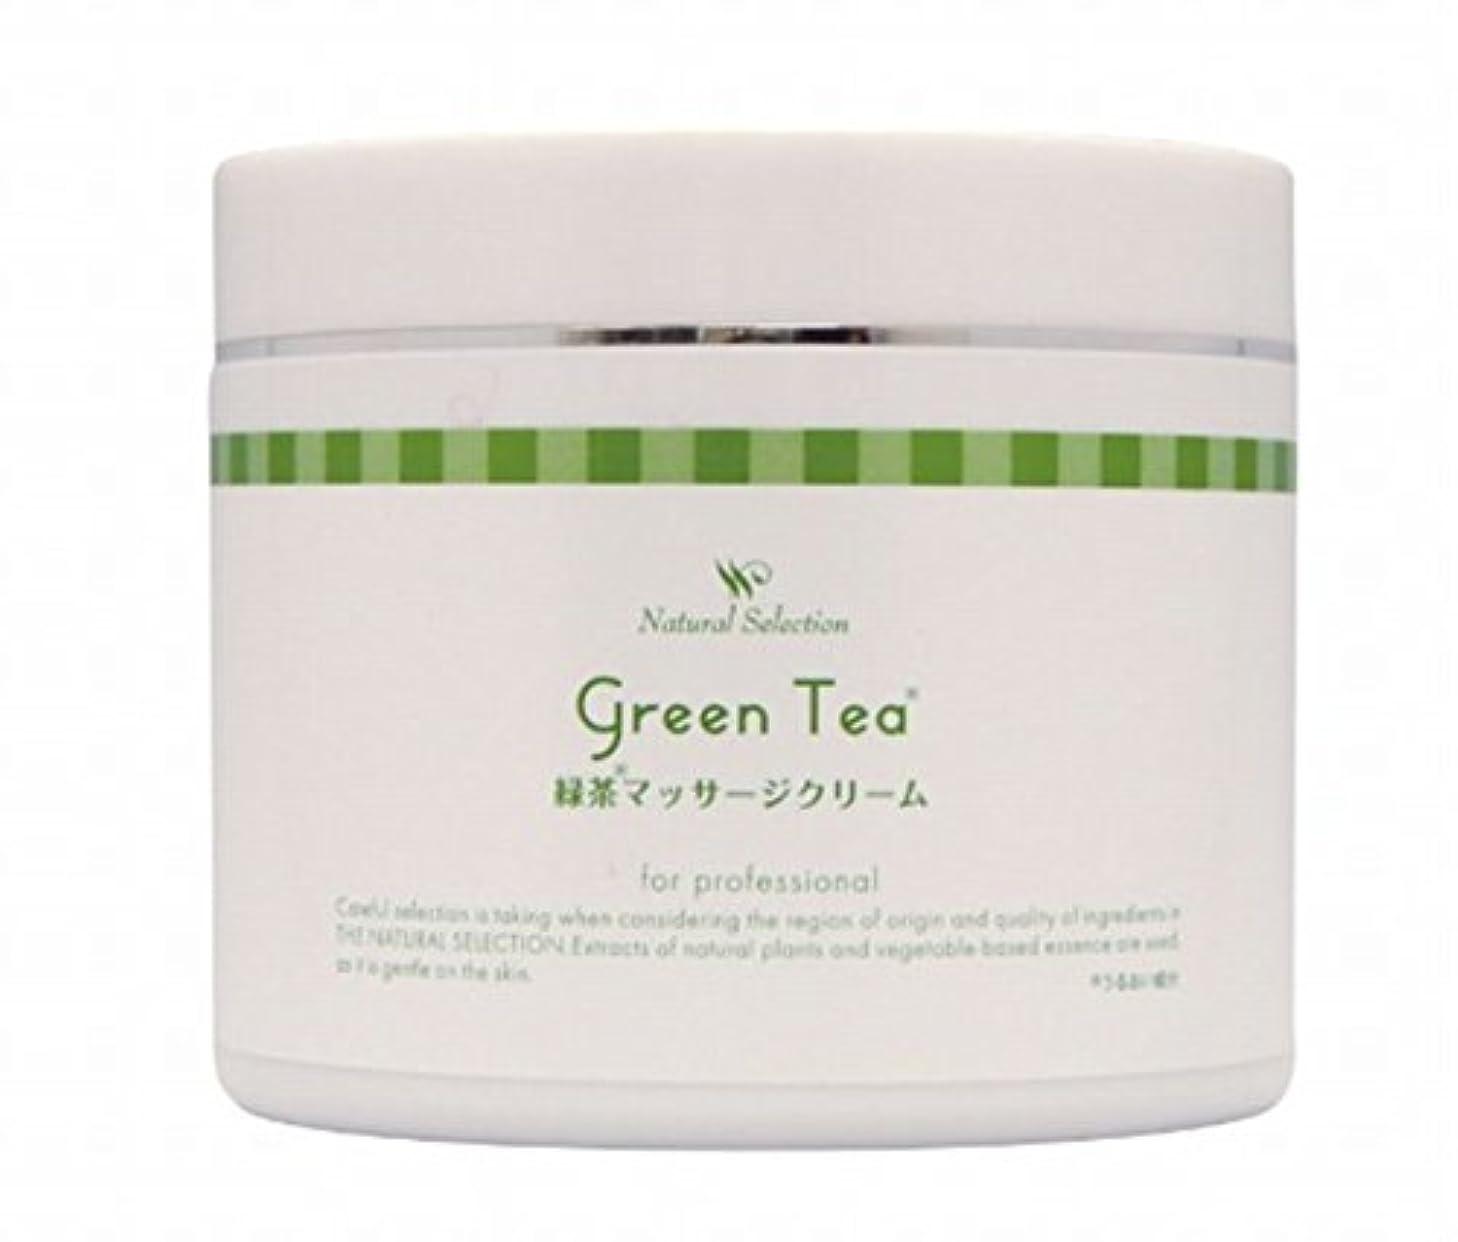 緑茶マッサージクリーム(450g)【フットマッサージ】足もみクリーム